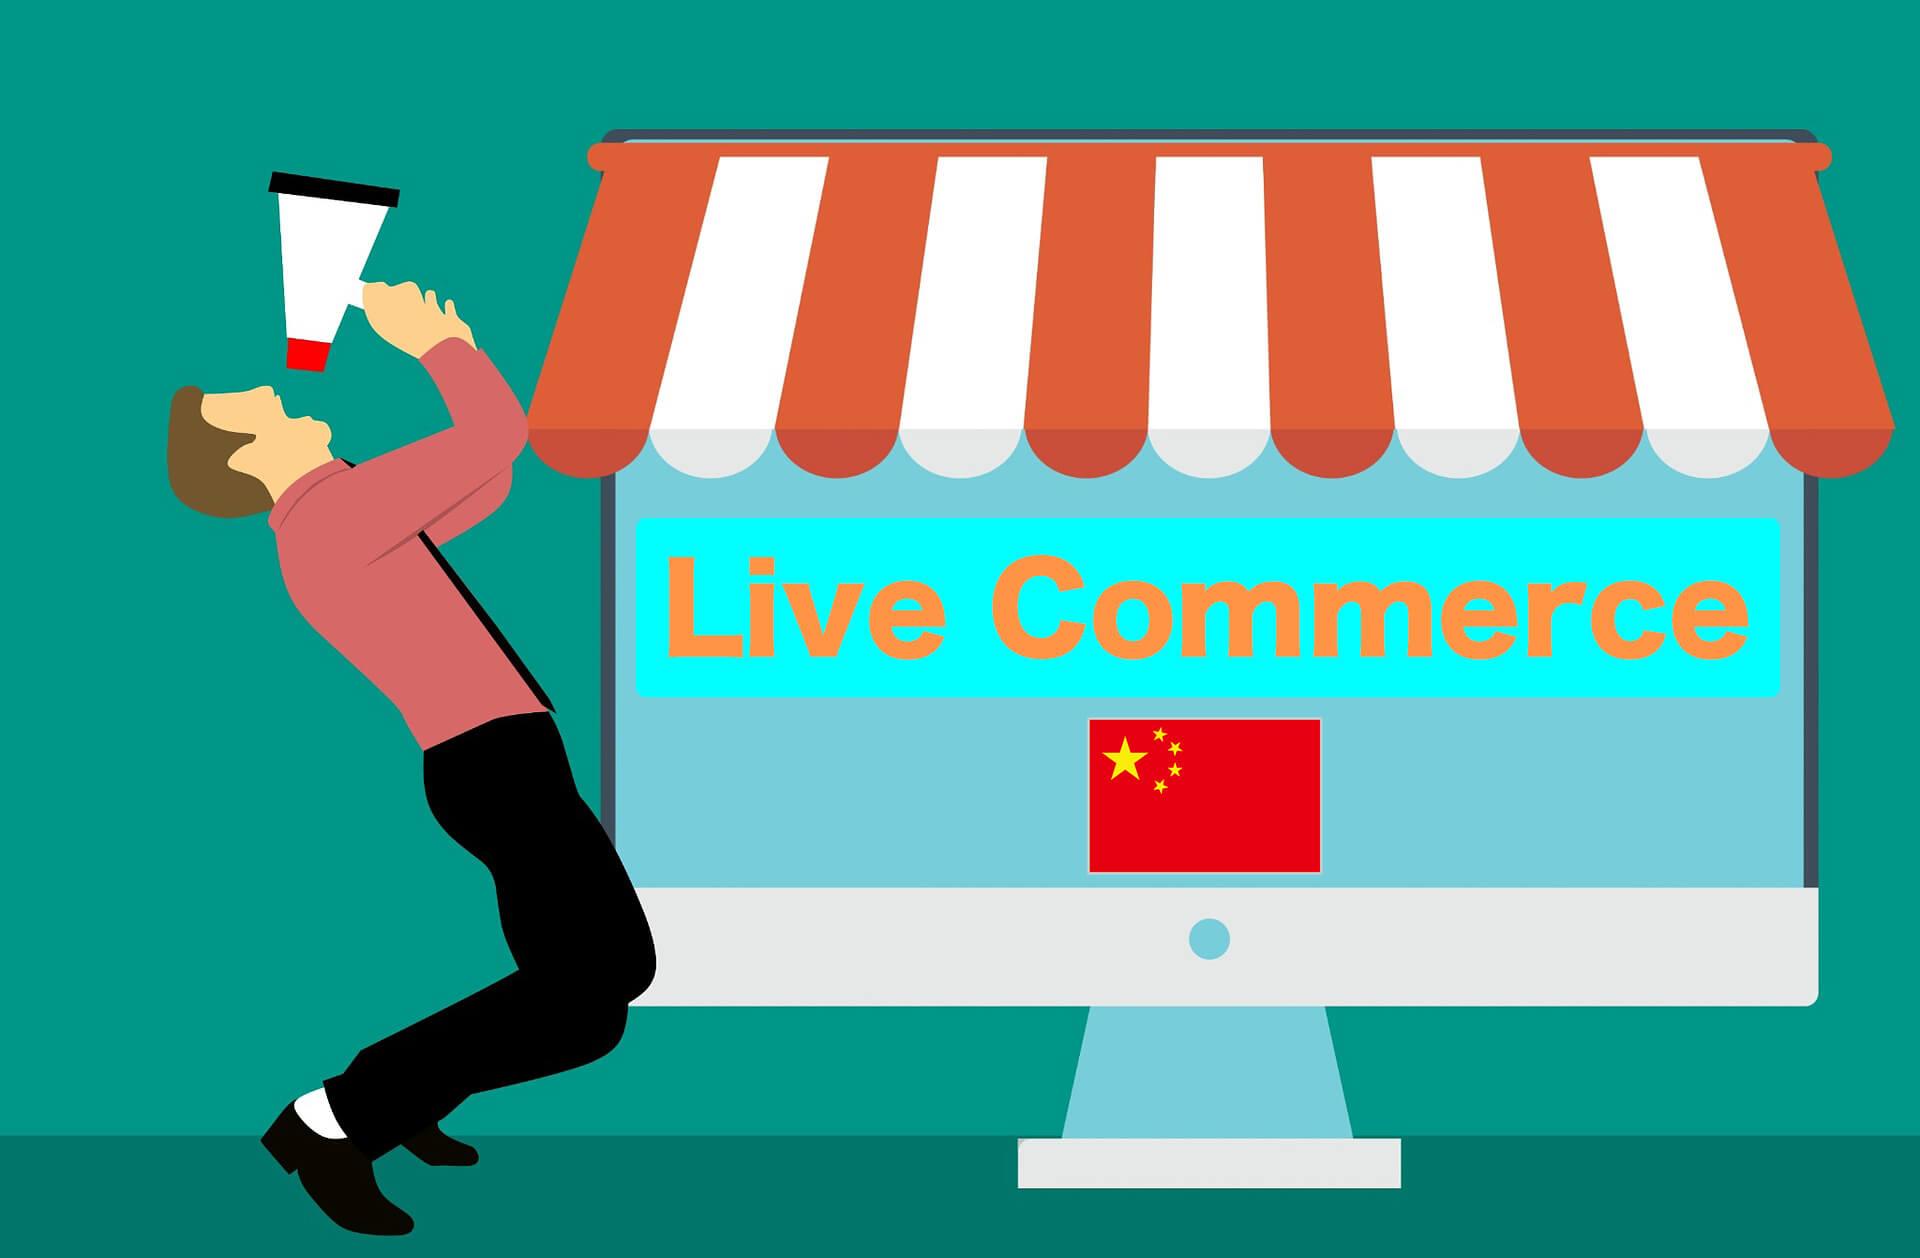 ライブコマースの基礎知識 | ライブコマース先進国「中国」の市場規模・ライブコマースのメリット&デメリット…ほか